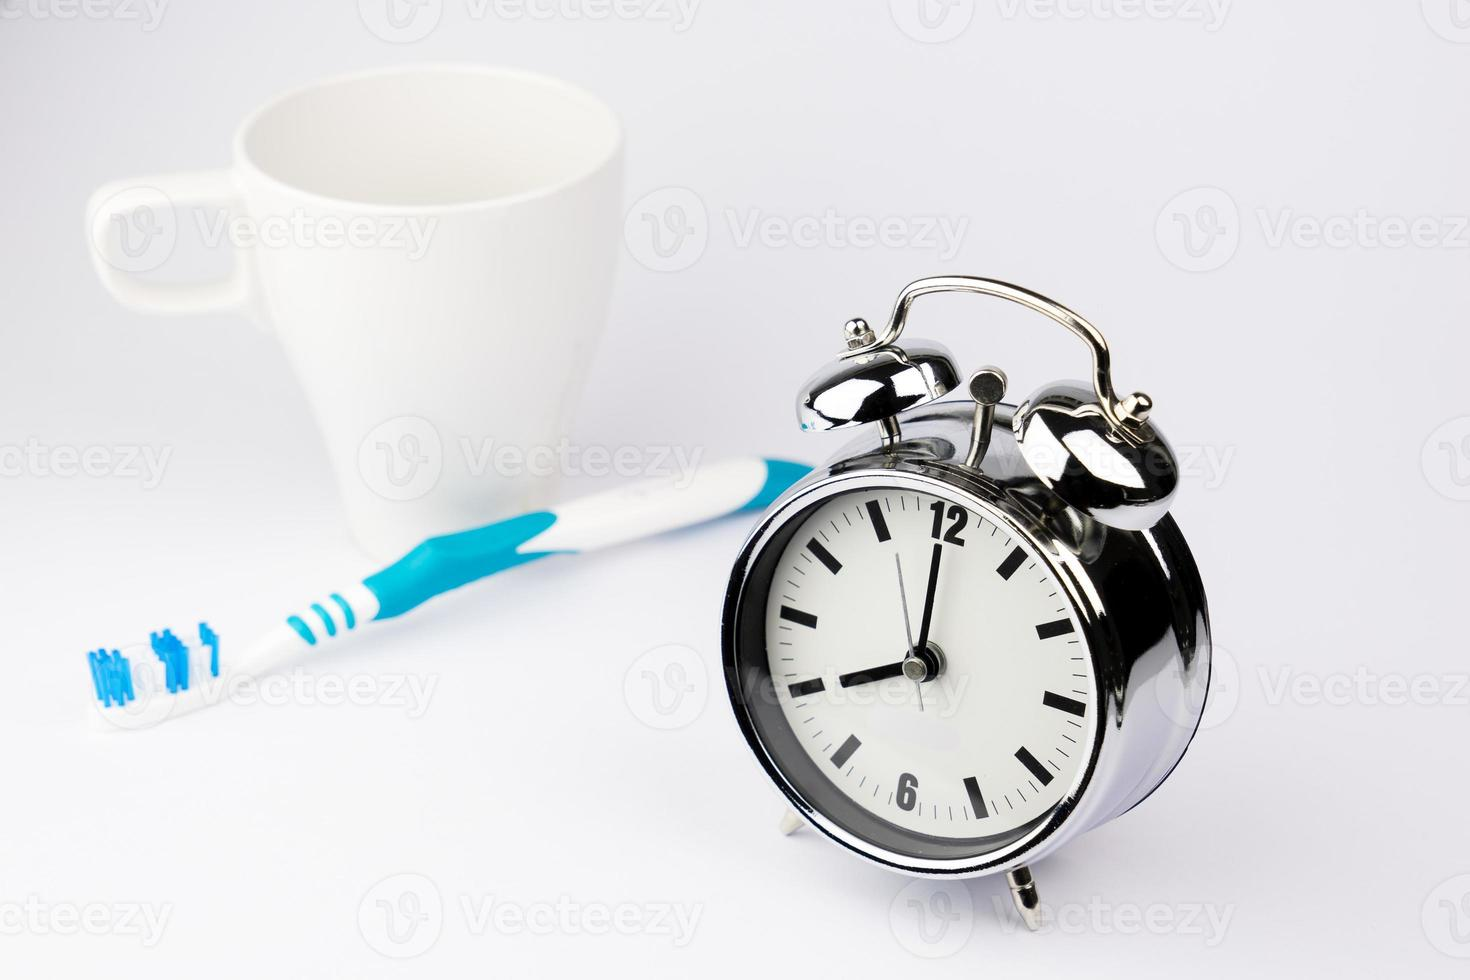 réveil en métal, réveil, sur fond blanc photo